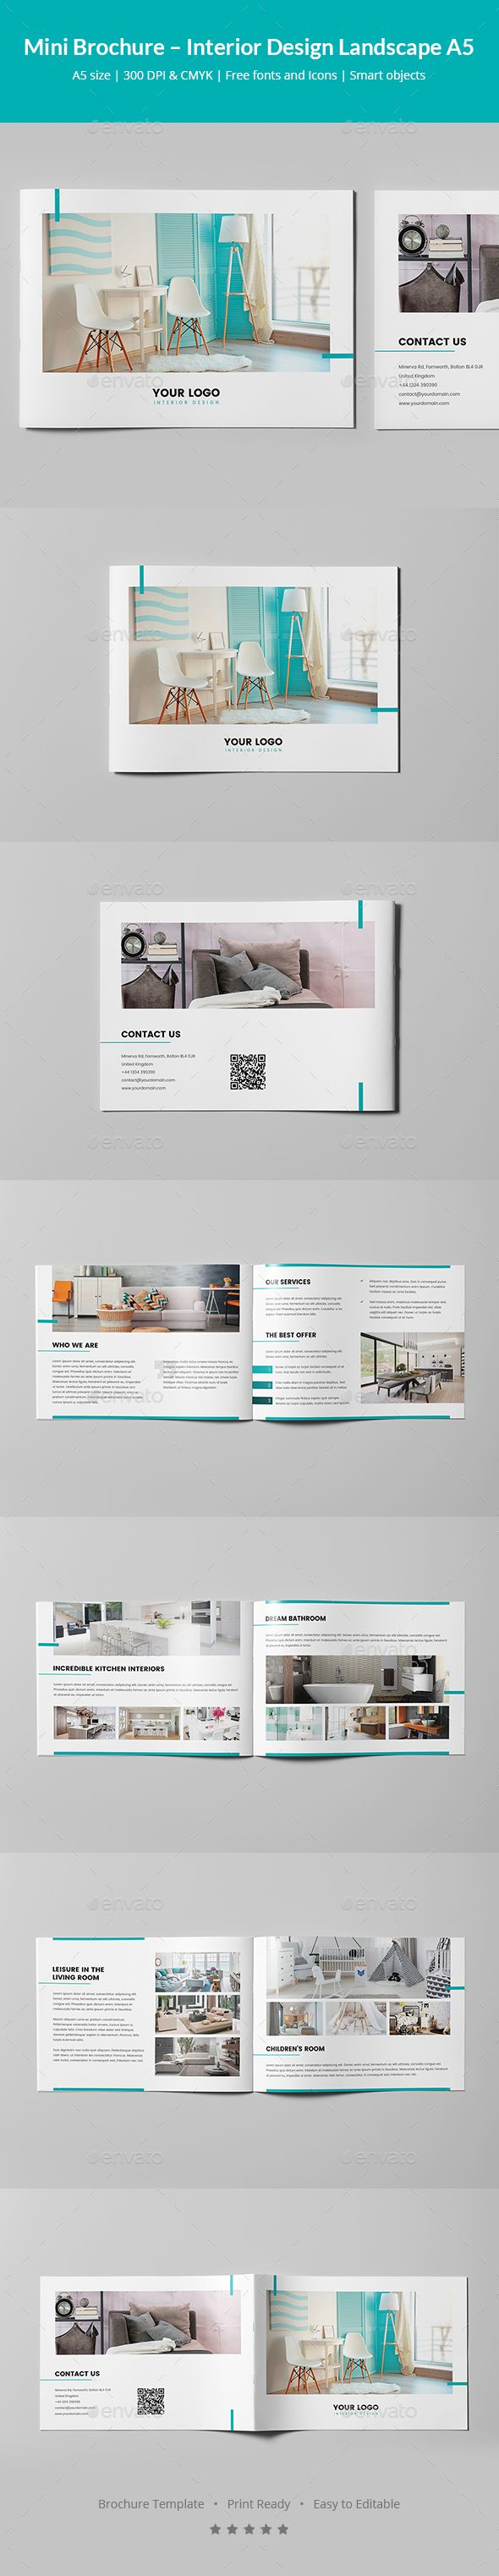 Mini Brochure Interior Design Landscape A Pinterest Brochures - Mini brochure template